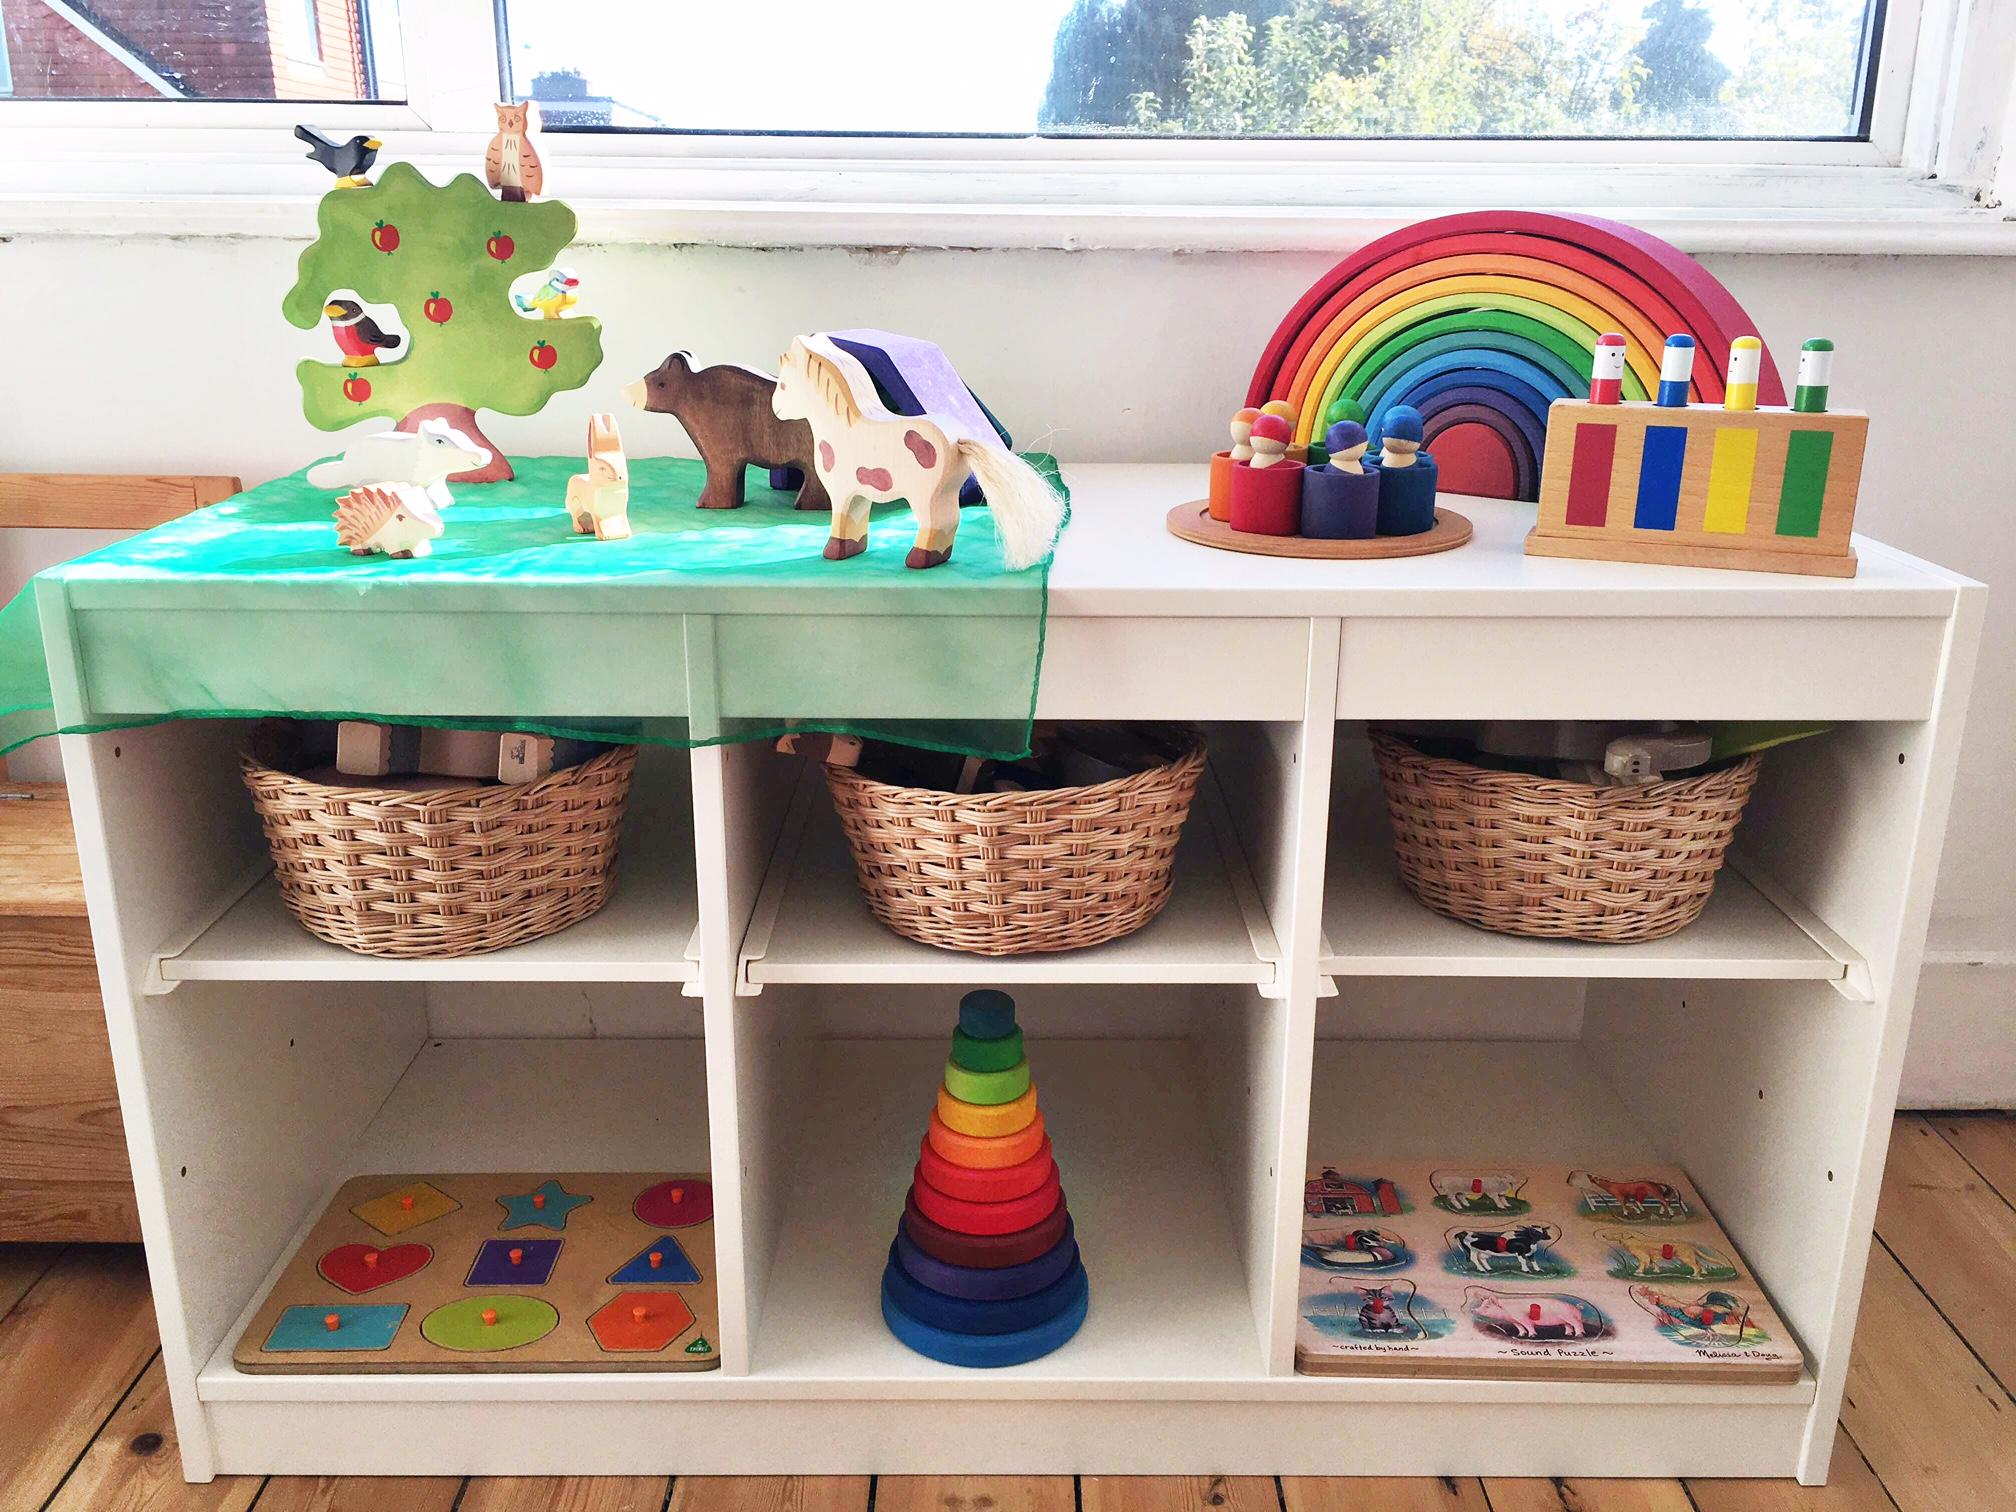 Mobili Per Giochi Bambini : Mobili montessori dove esporre i giochi dei nostri bambini